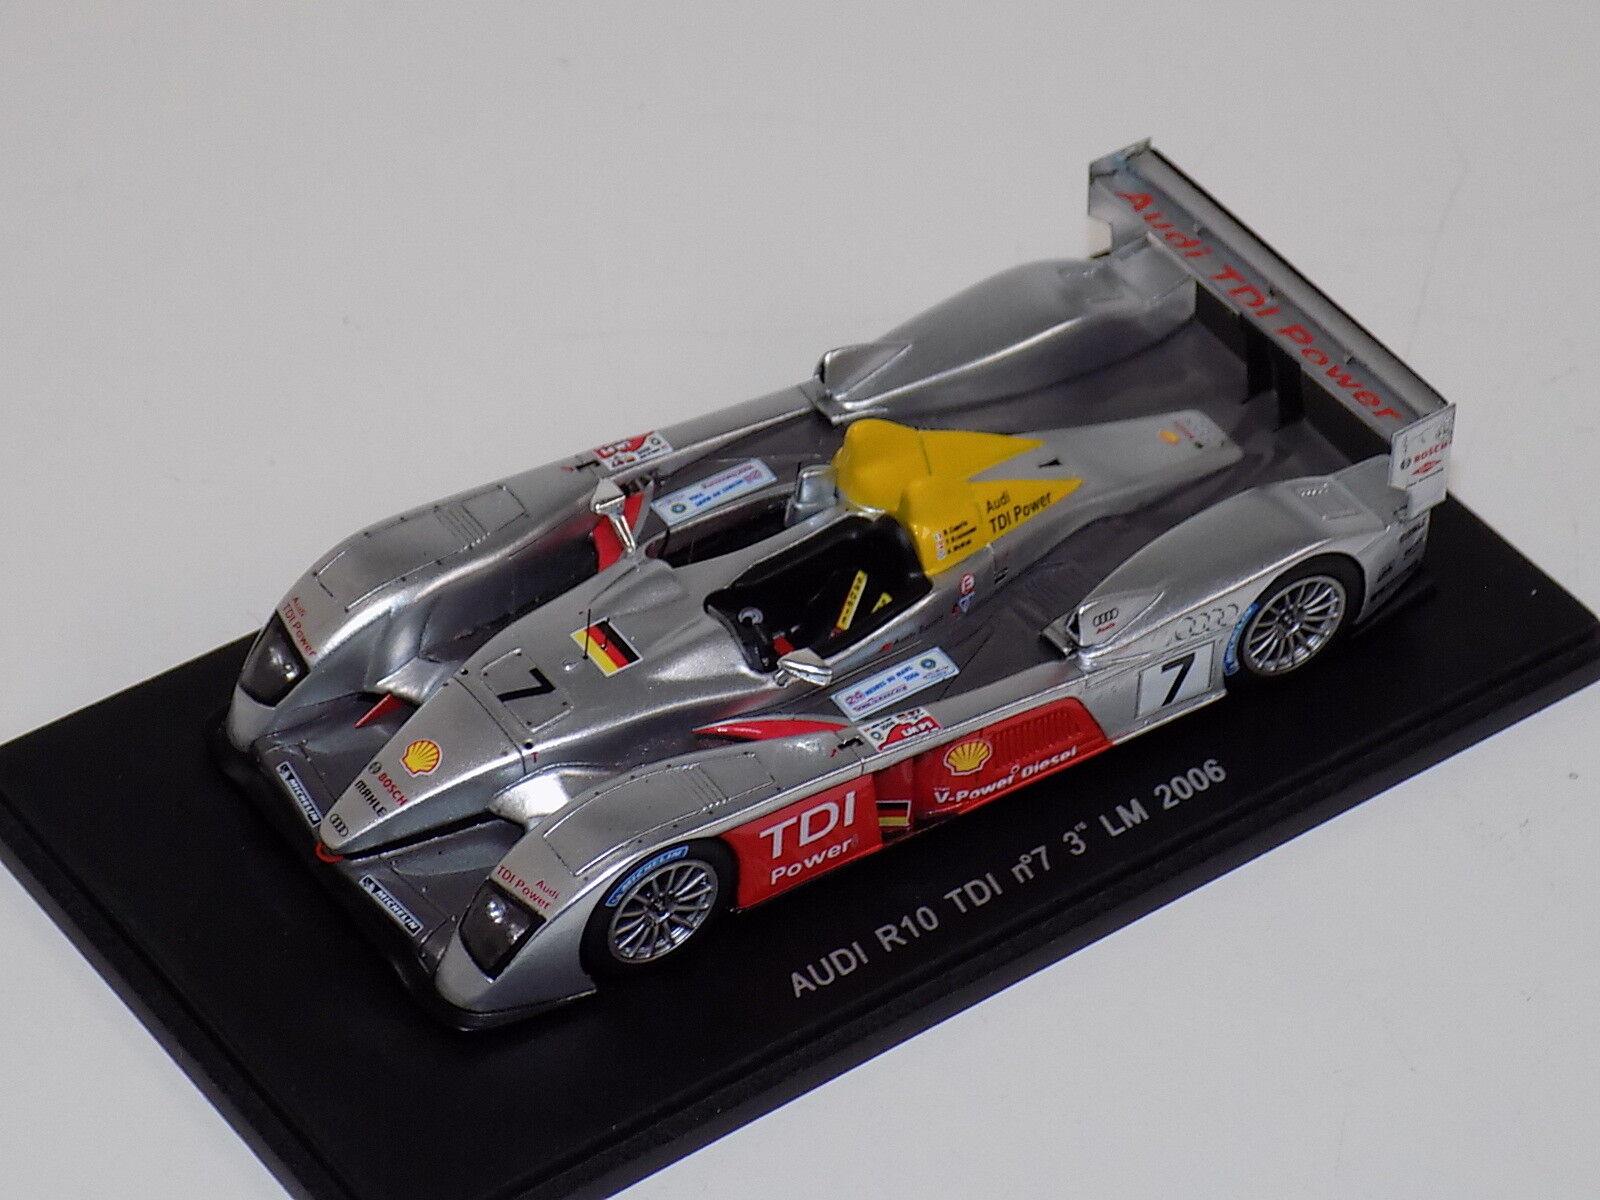 tienda de bajo costo 1 43 43 43 Spark Audi R10 TDI COCHE  7 3rd en 2006 24 horas de LeMans S0675  productos creativos